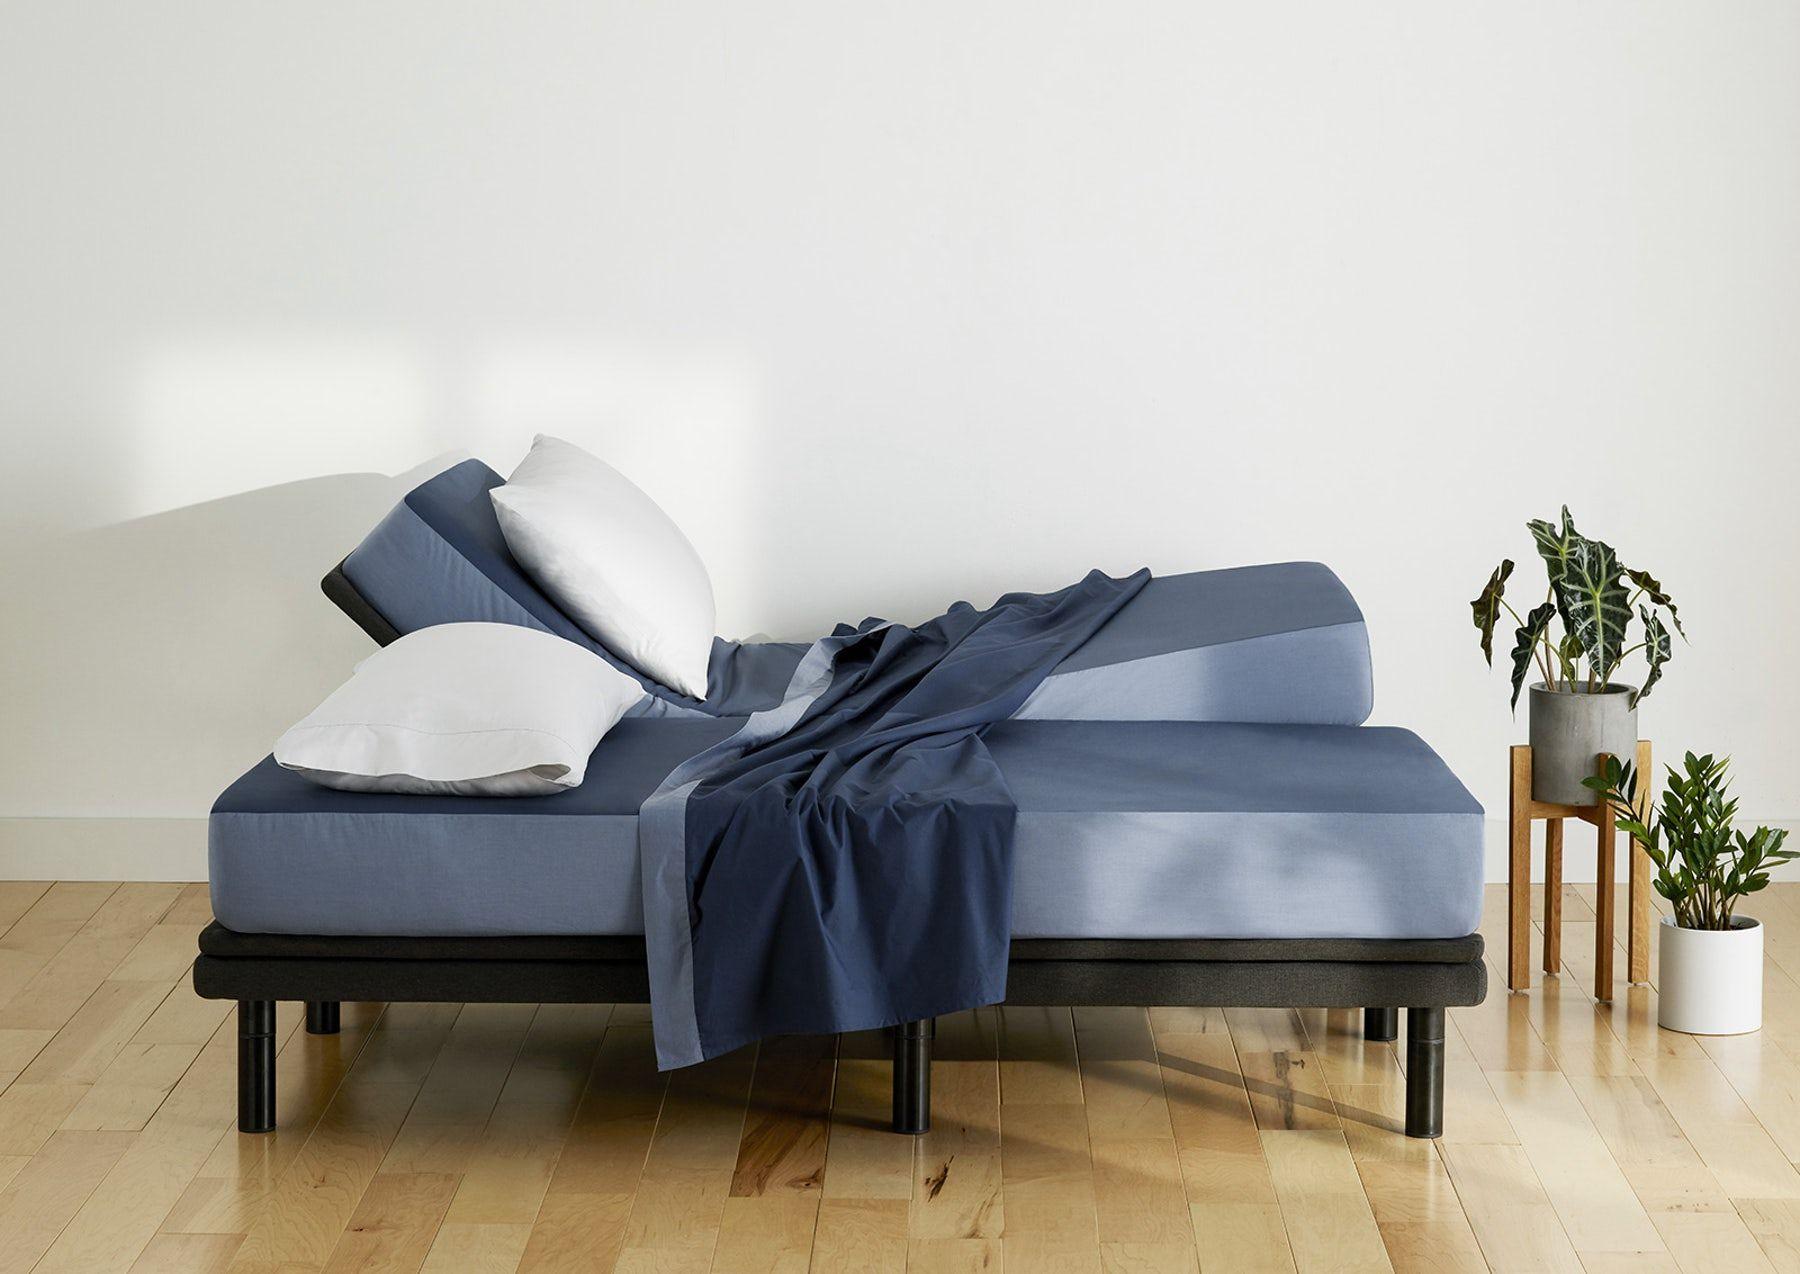 6 Best Adjustable Beds Top Adjustable Mattresses And Bed Frames